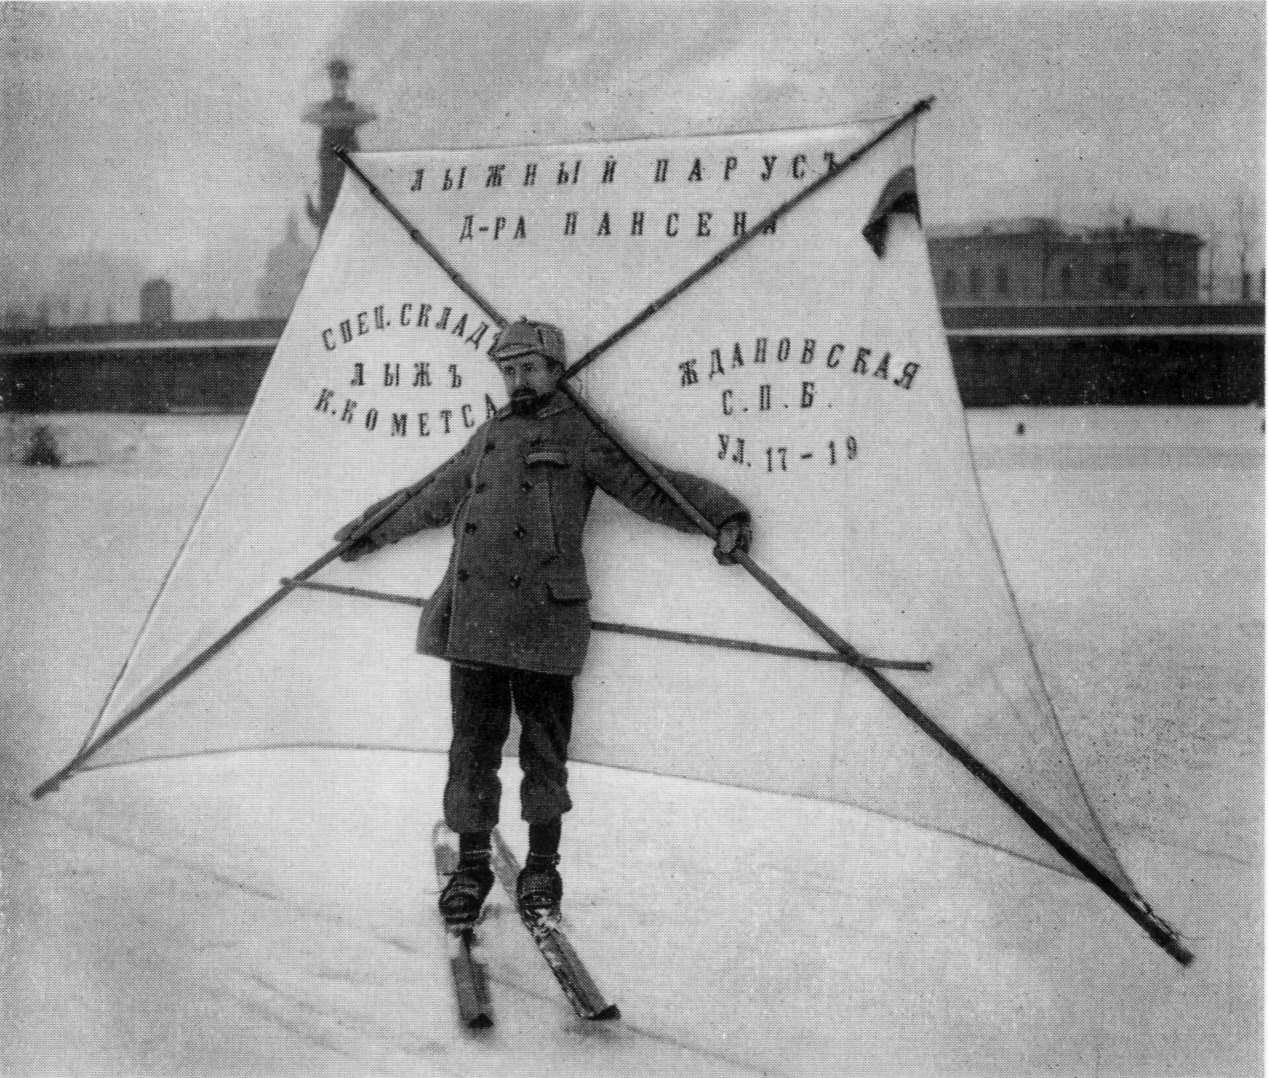 1910. Демонстрация лыжного паруса